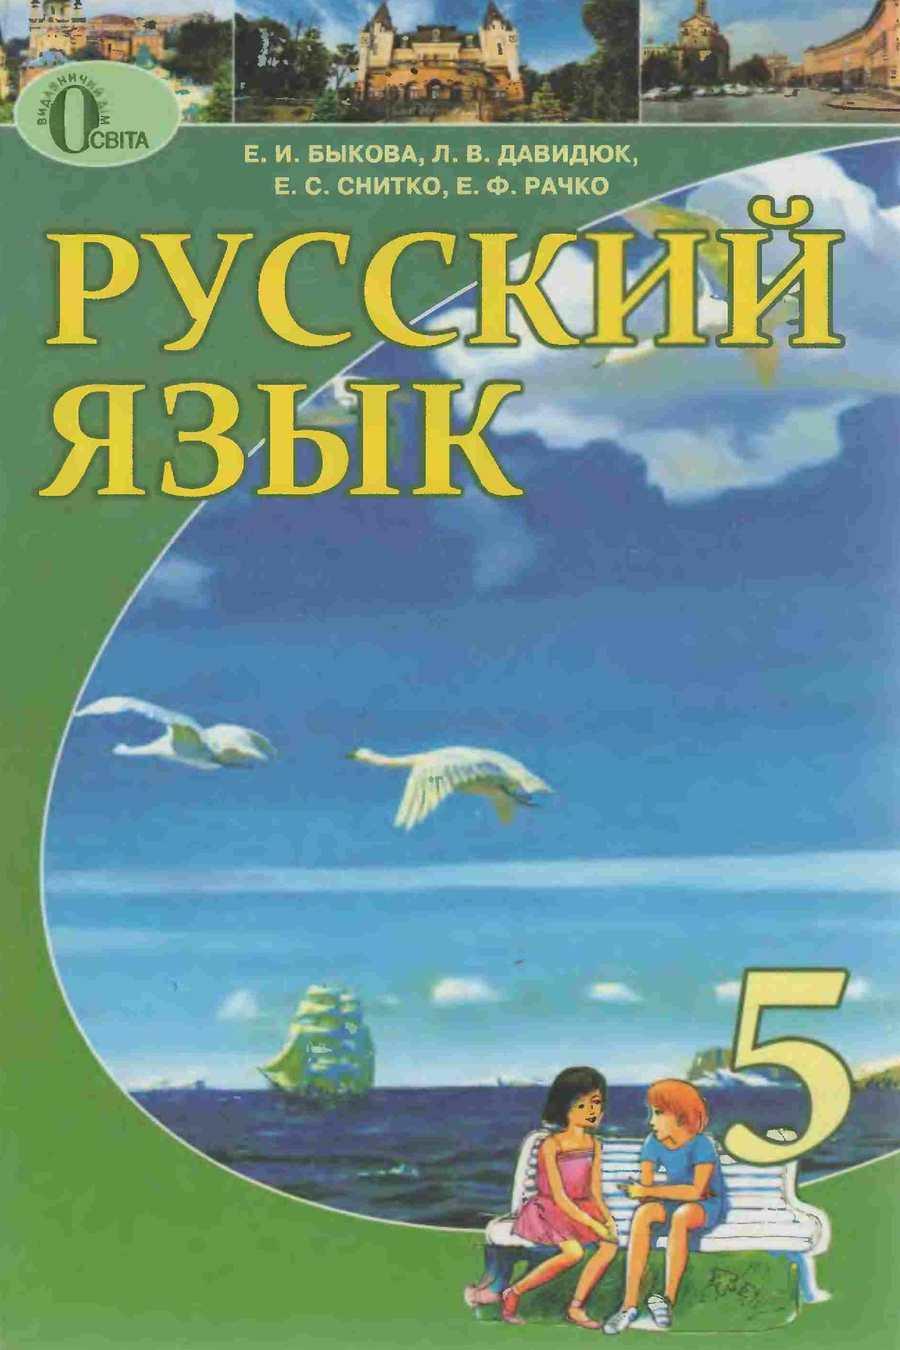 Гдз по русскому языку 5 класс авторы львов львова задание начинается с горы бежит поток